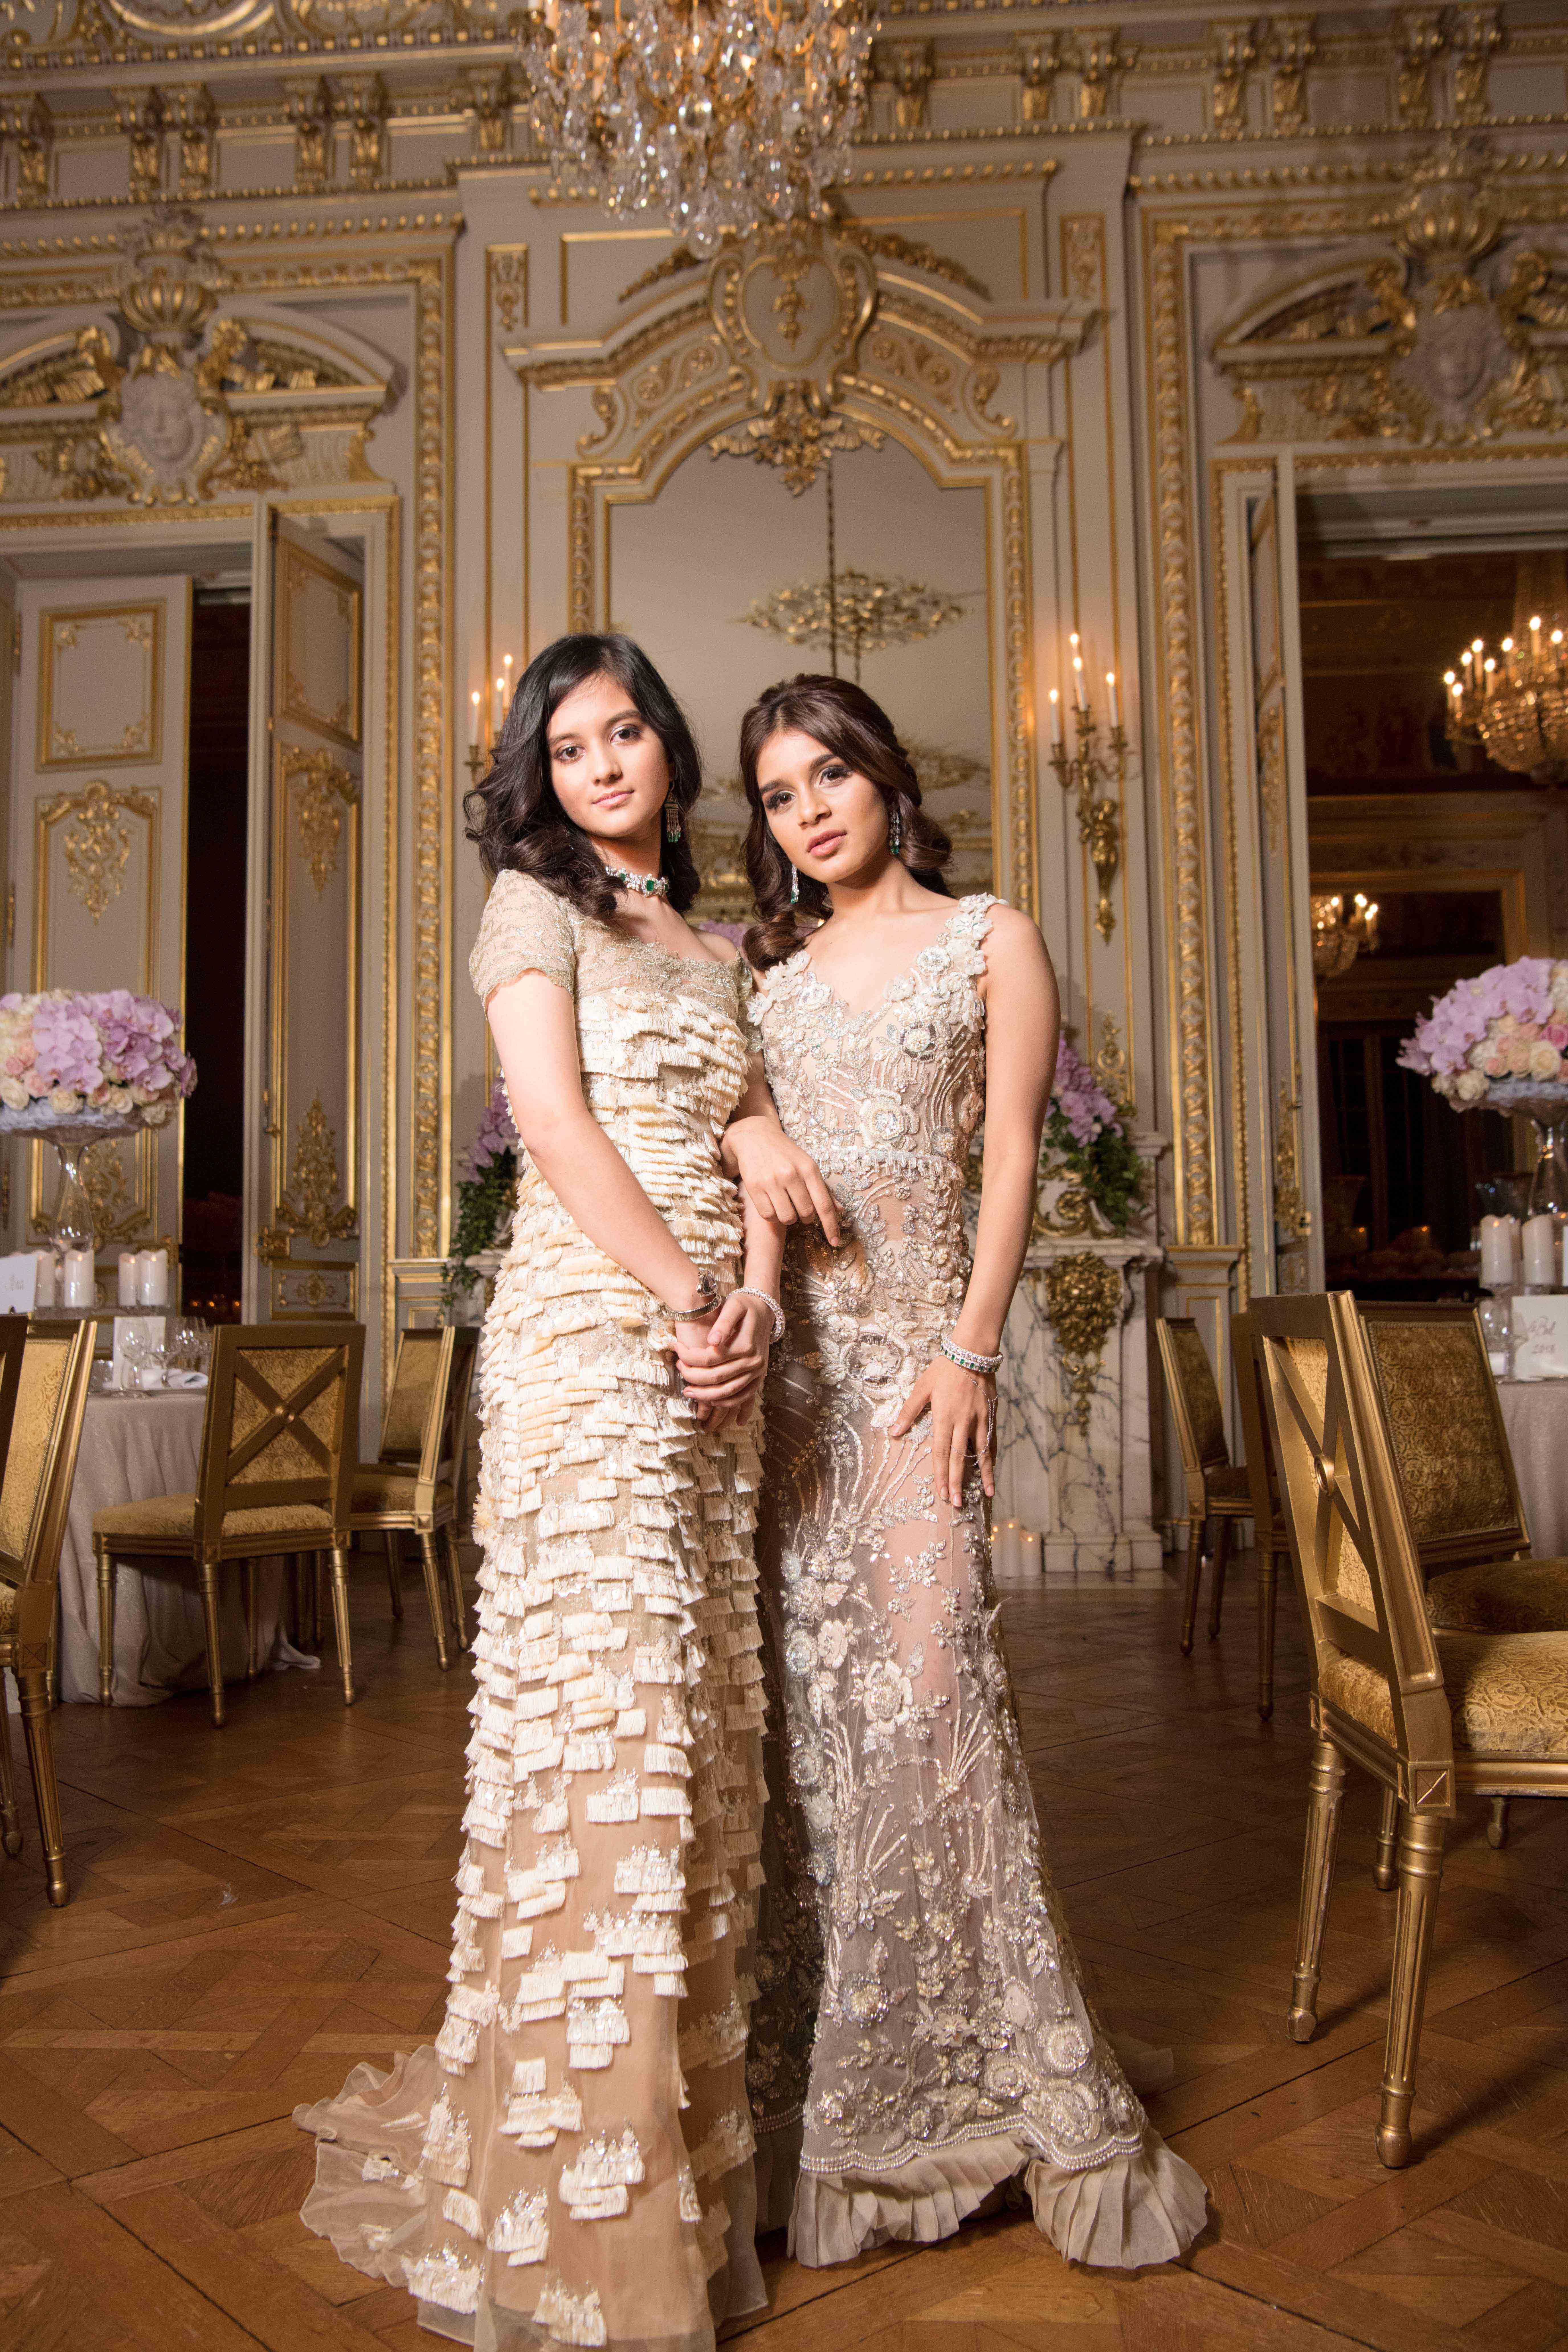 Princess Ananya with Shloka Birla. Image: Courtesy Yunling Fang